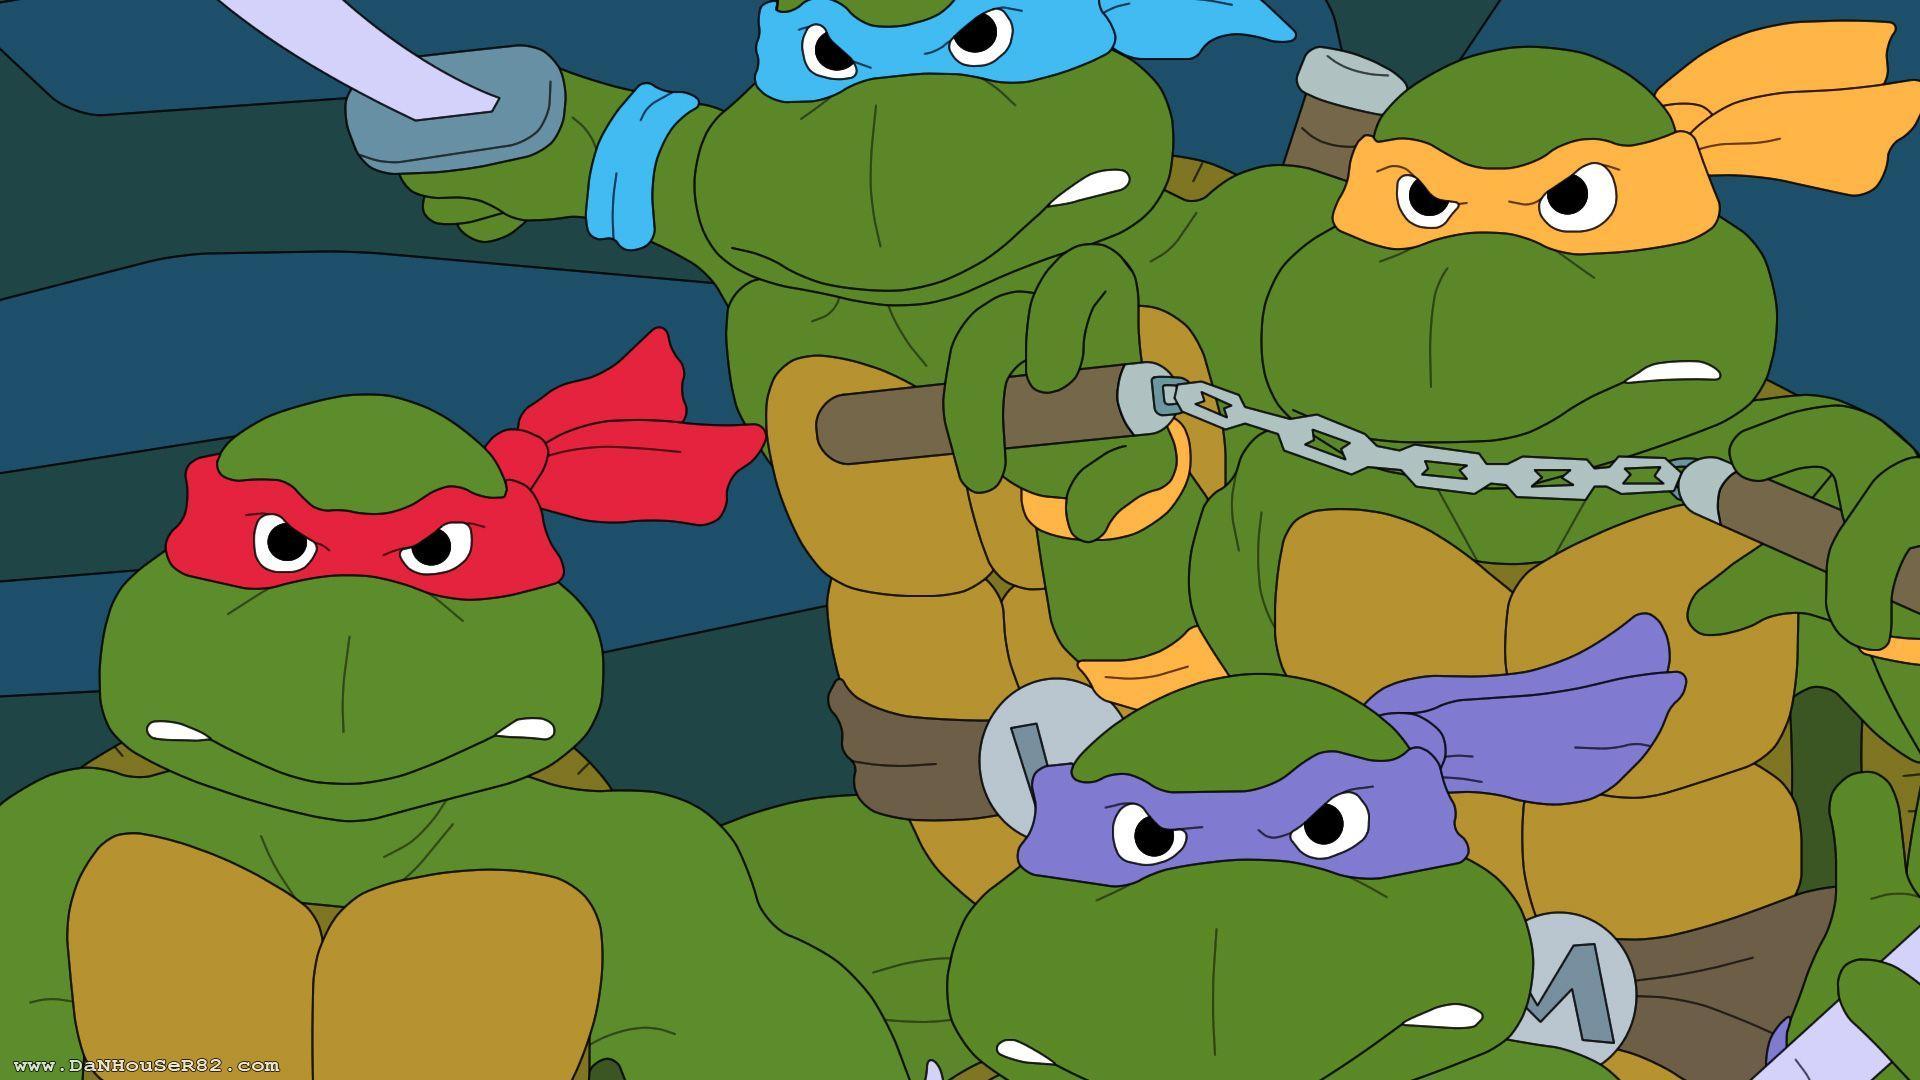 1980s Teenage Mutant Ninja Turtles Wallpapers Top Free 1980s